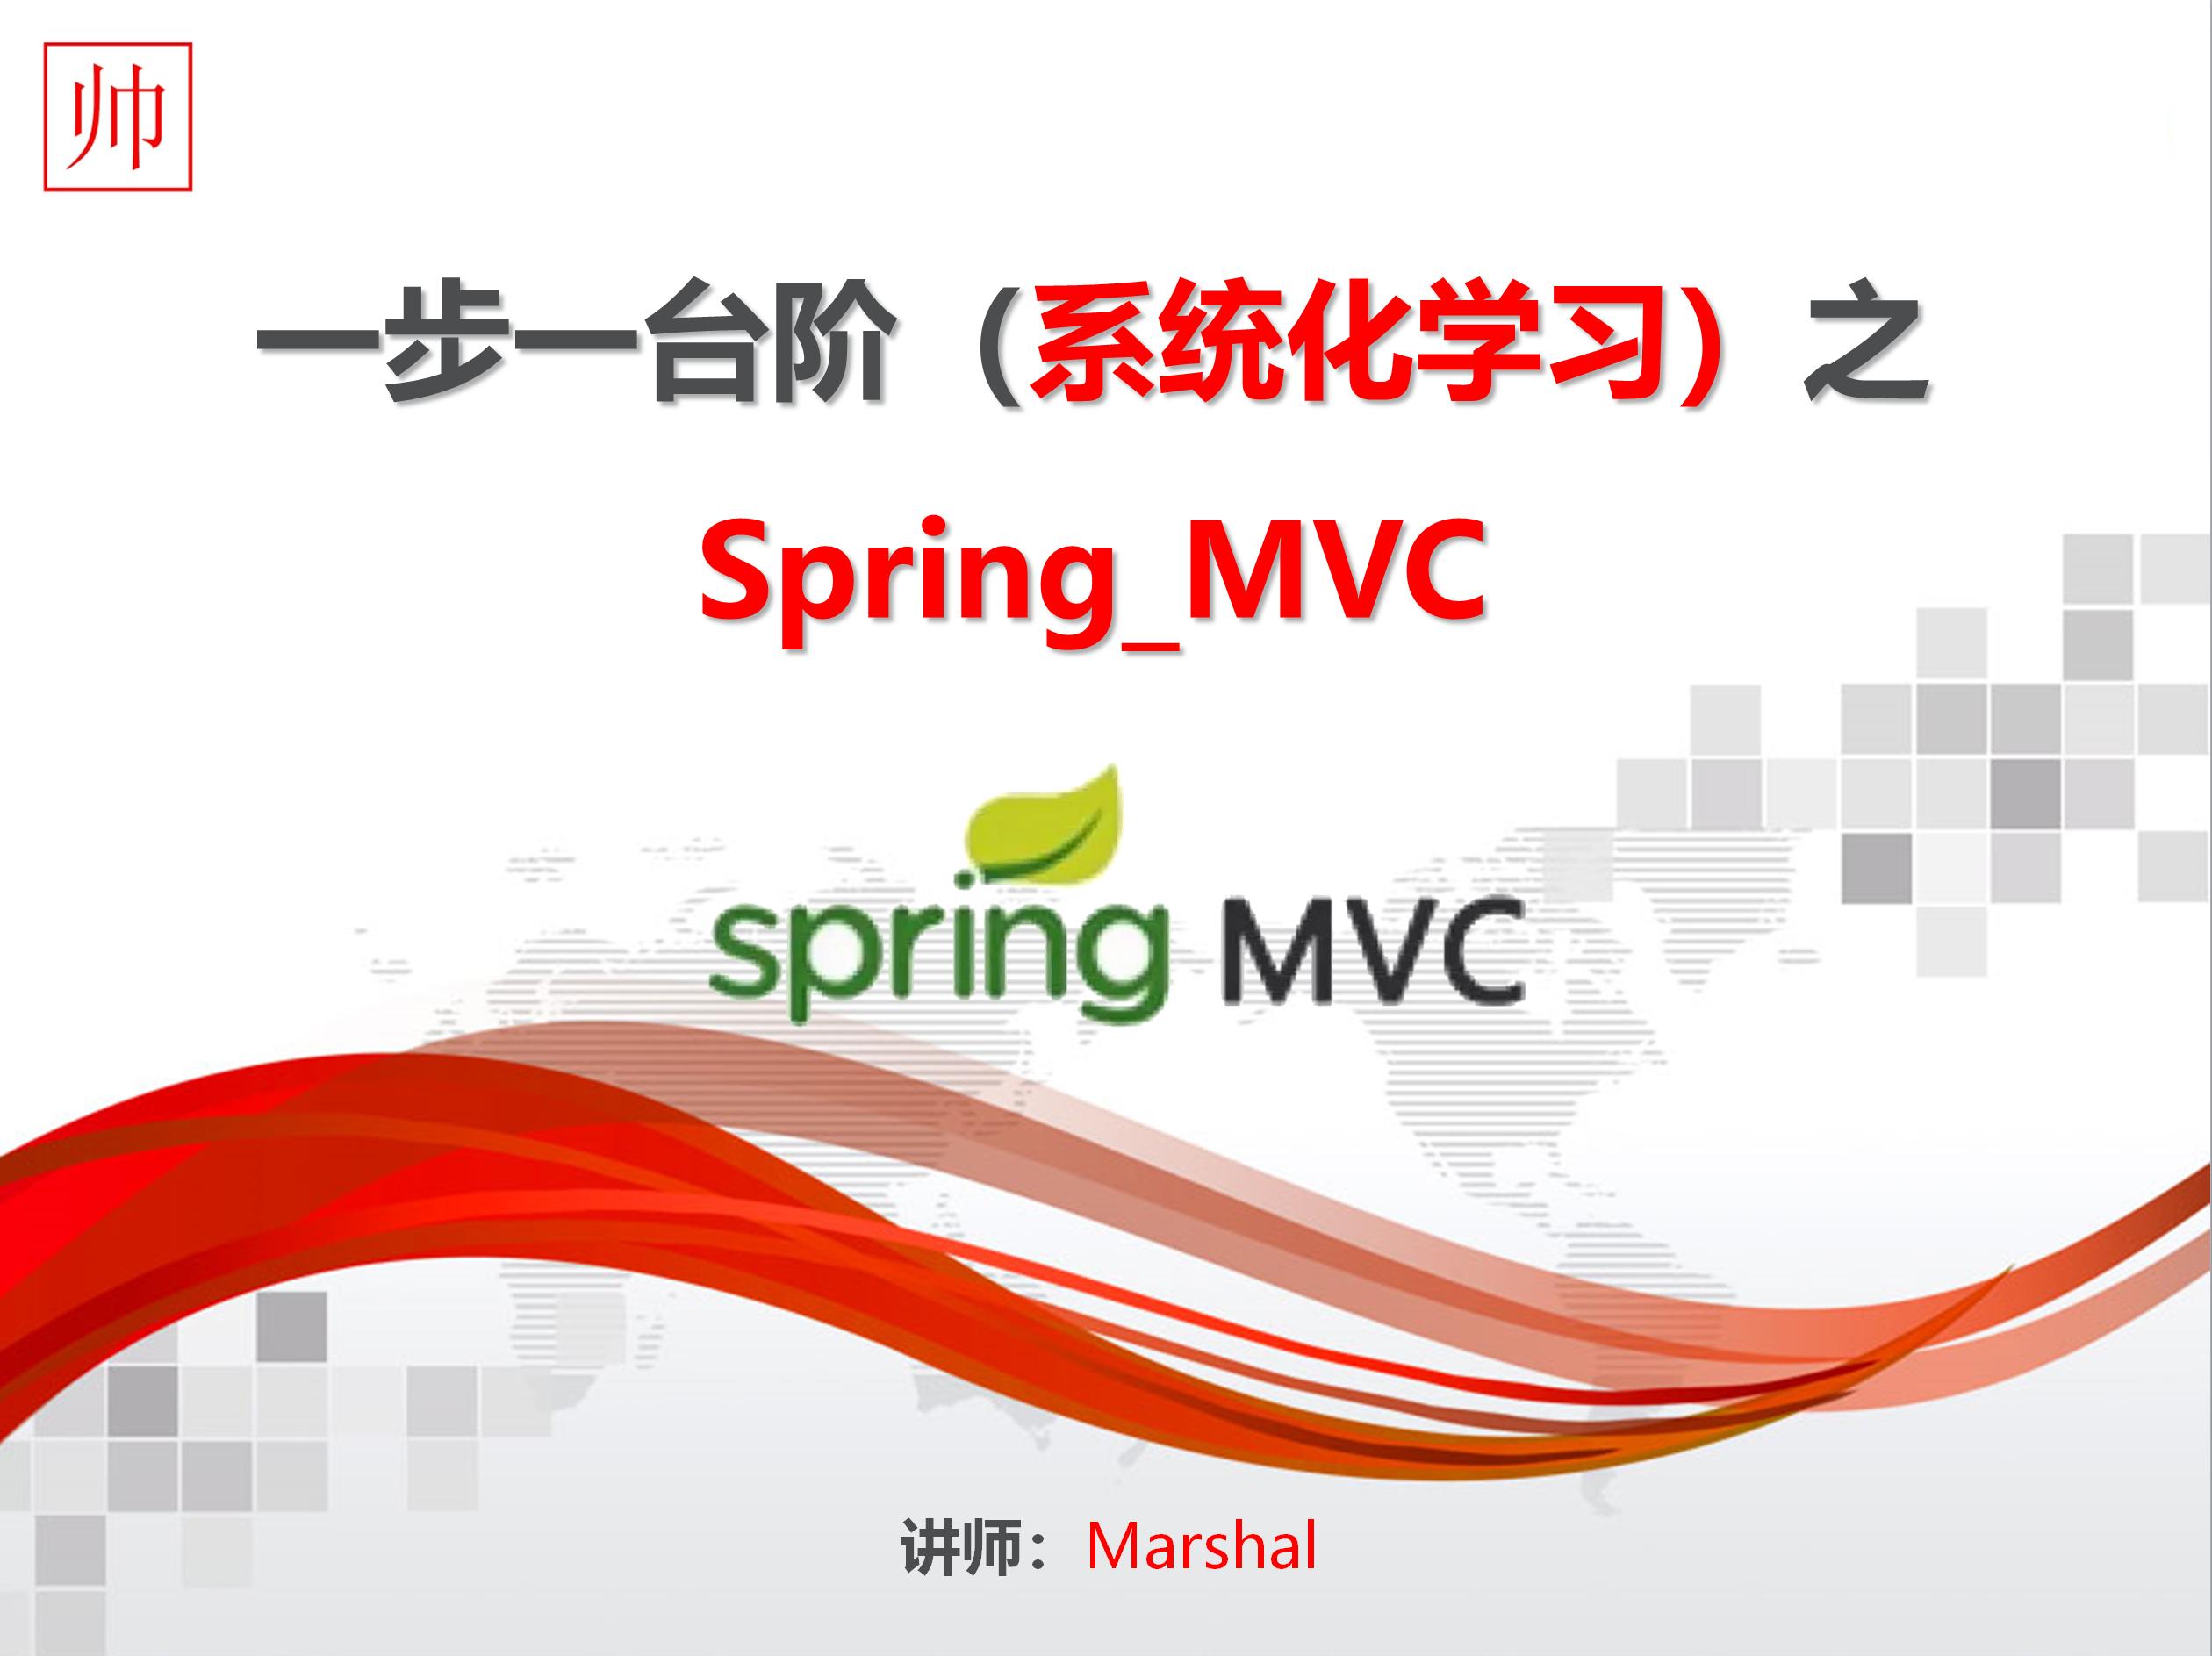 Spring MVC,一步一台阶(系统化学习)之  Spring MVC